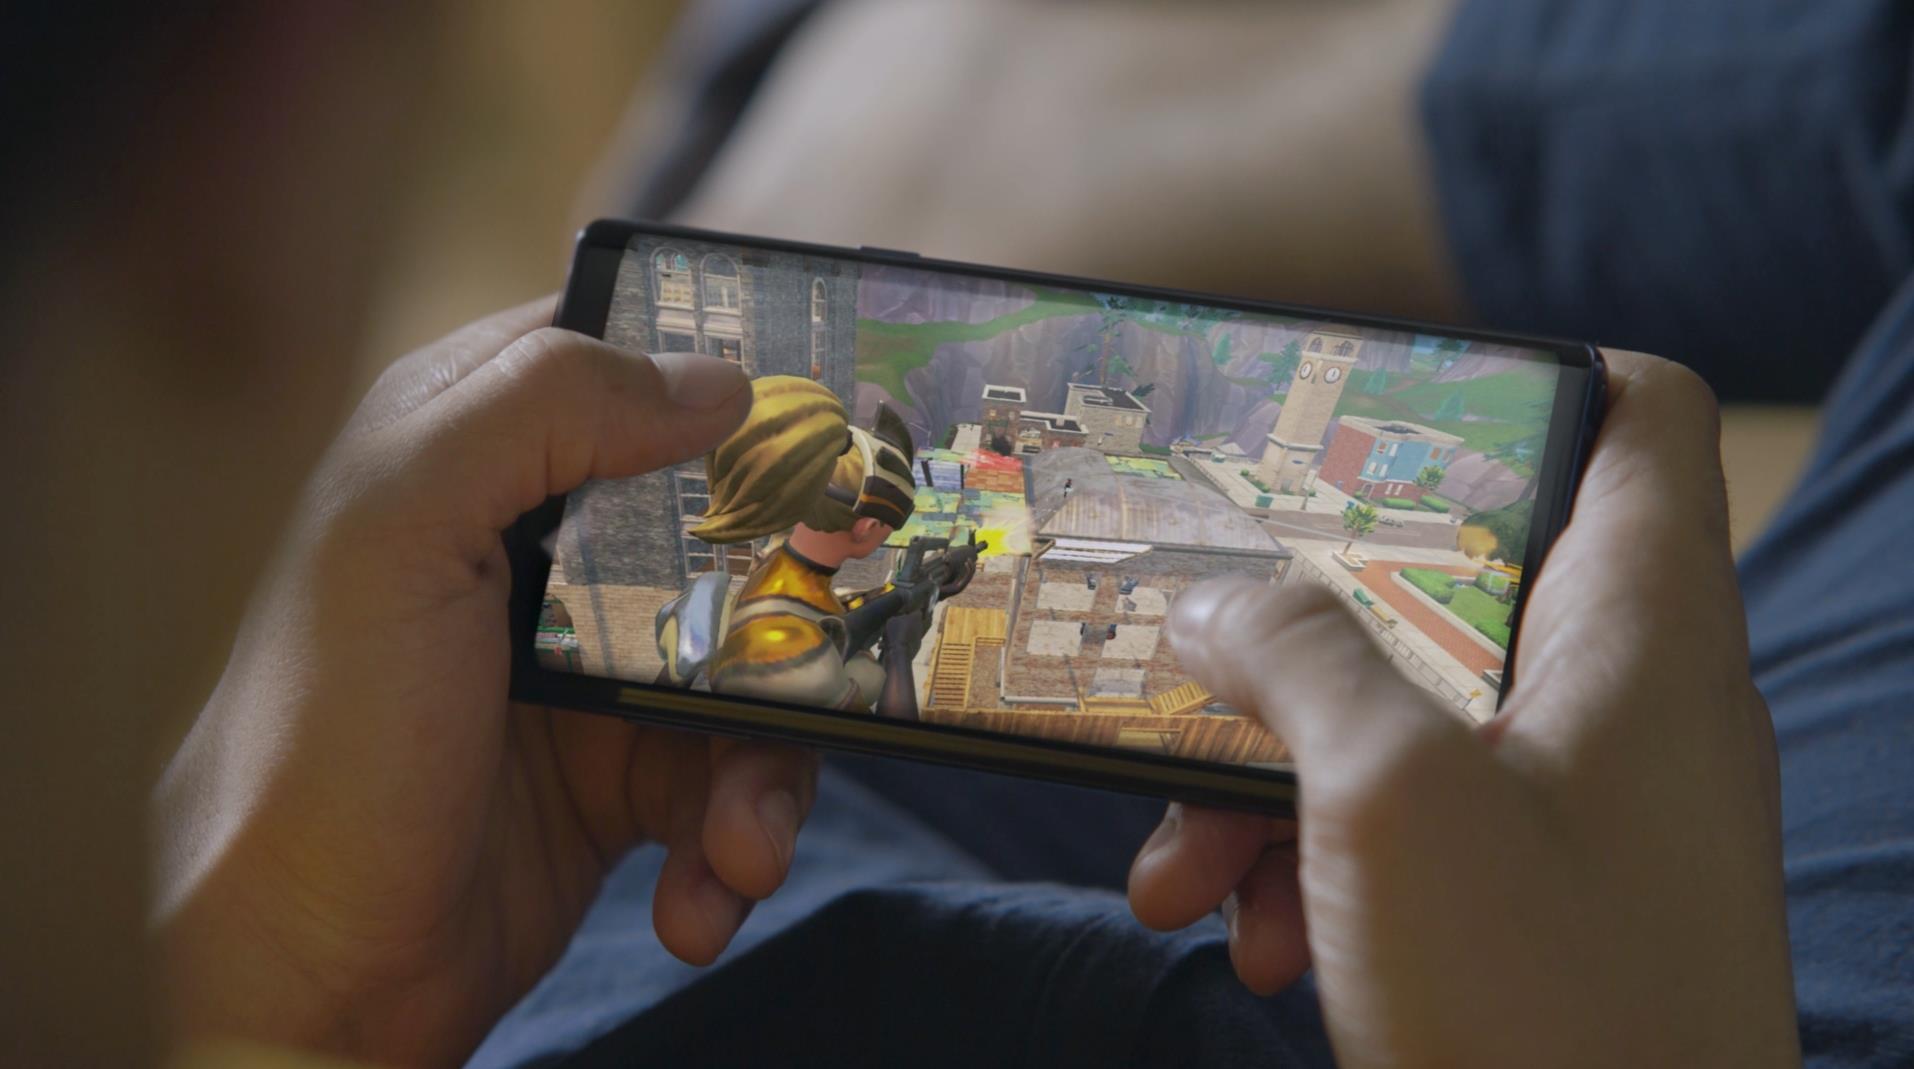 Galaxy Note9 -Chiếc smartphone dành cho những người trẻ làm hết sức, chơi hết mình - Ảnh 5.